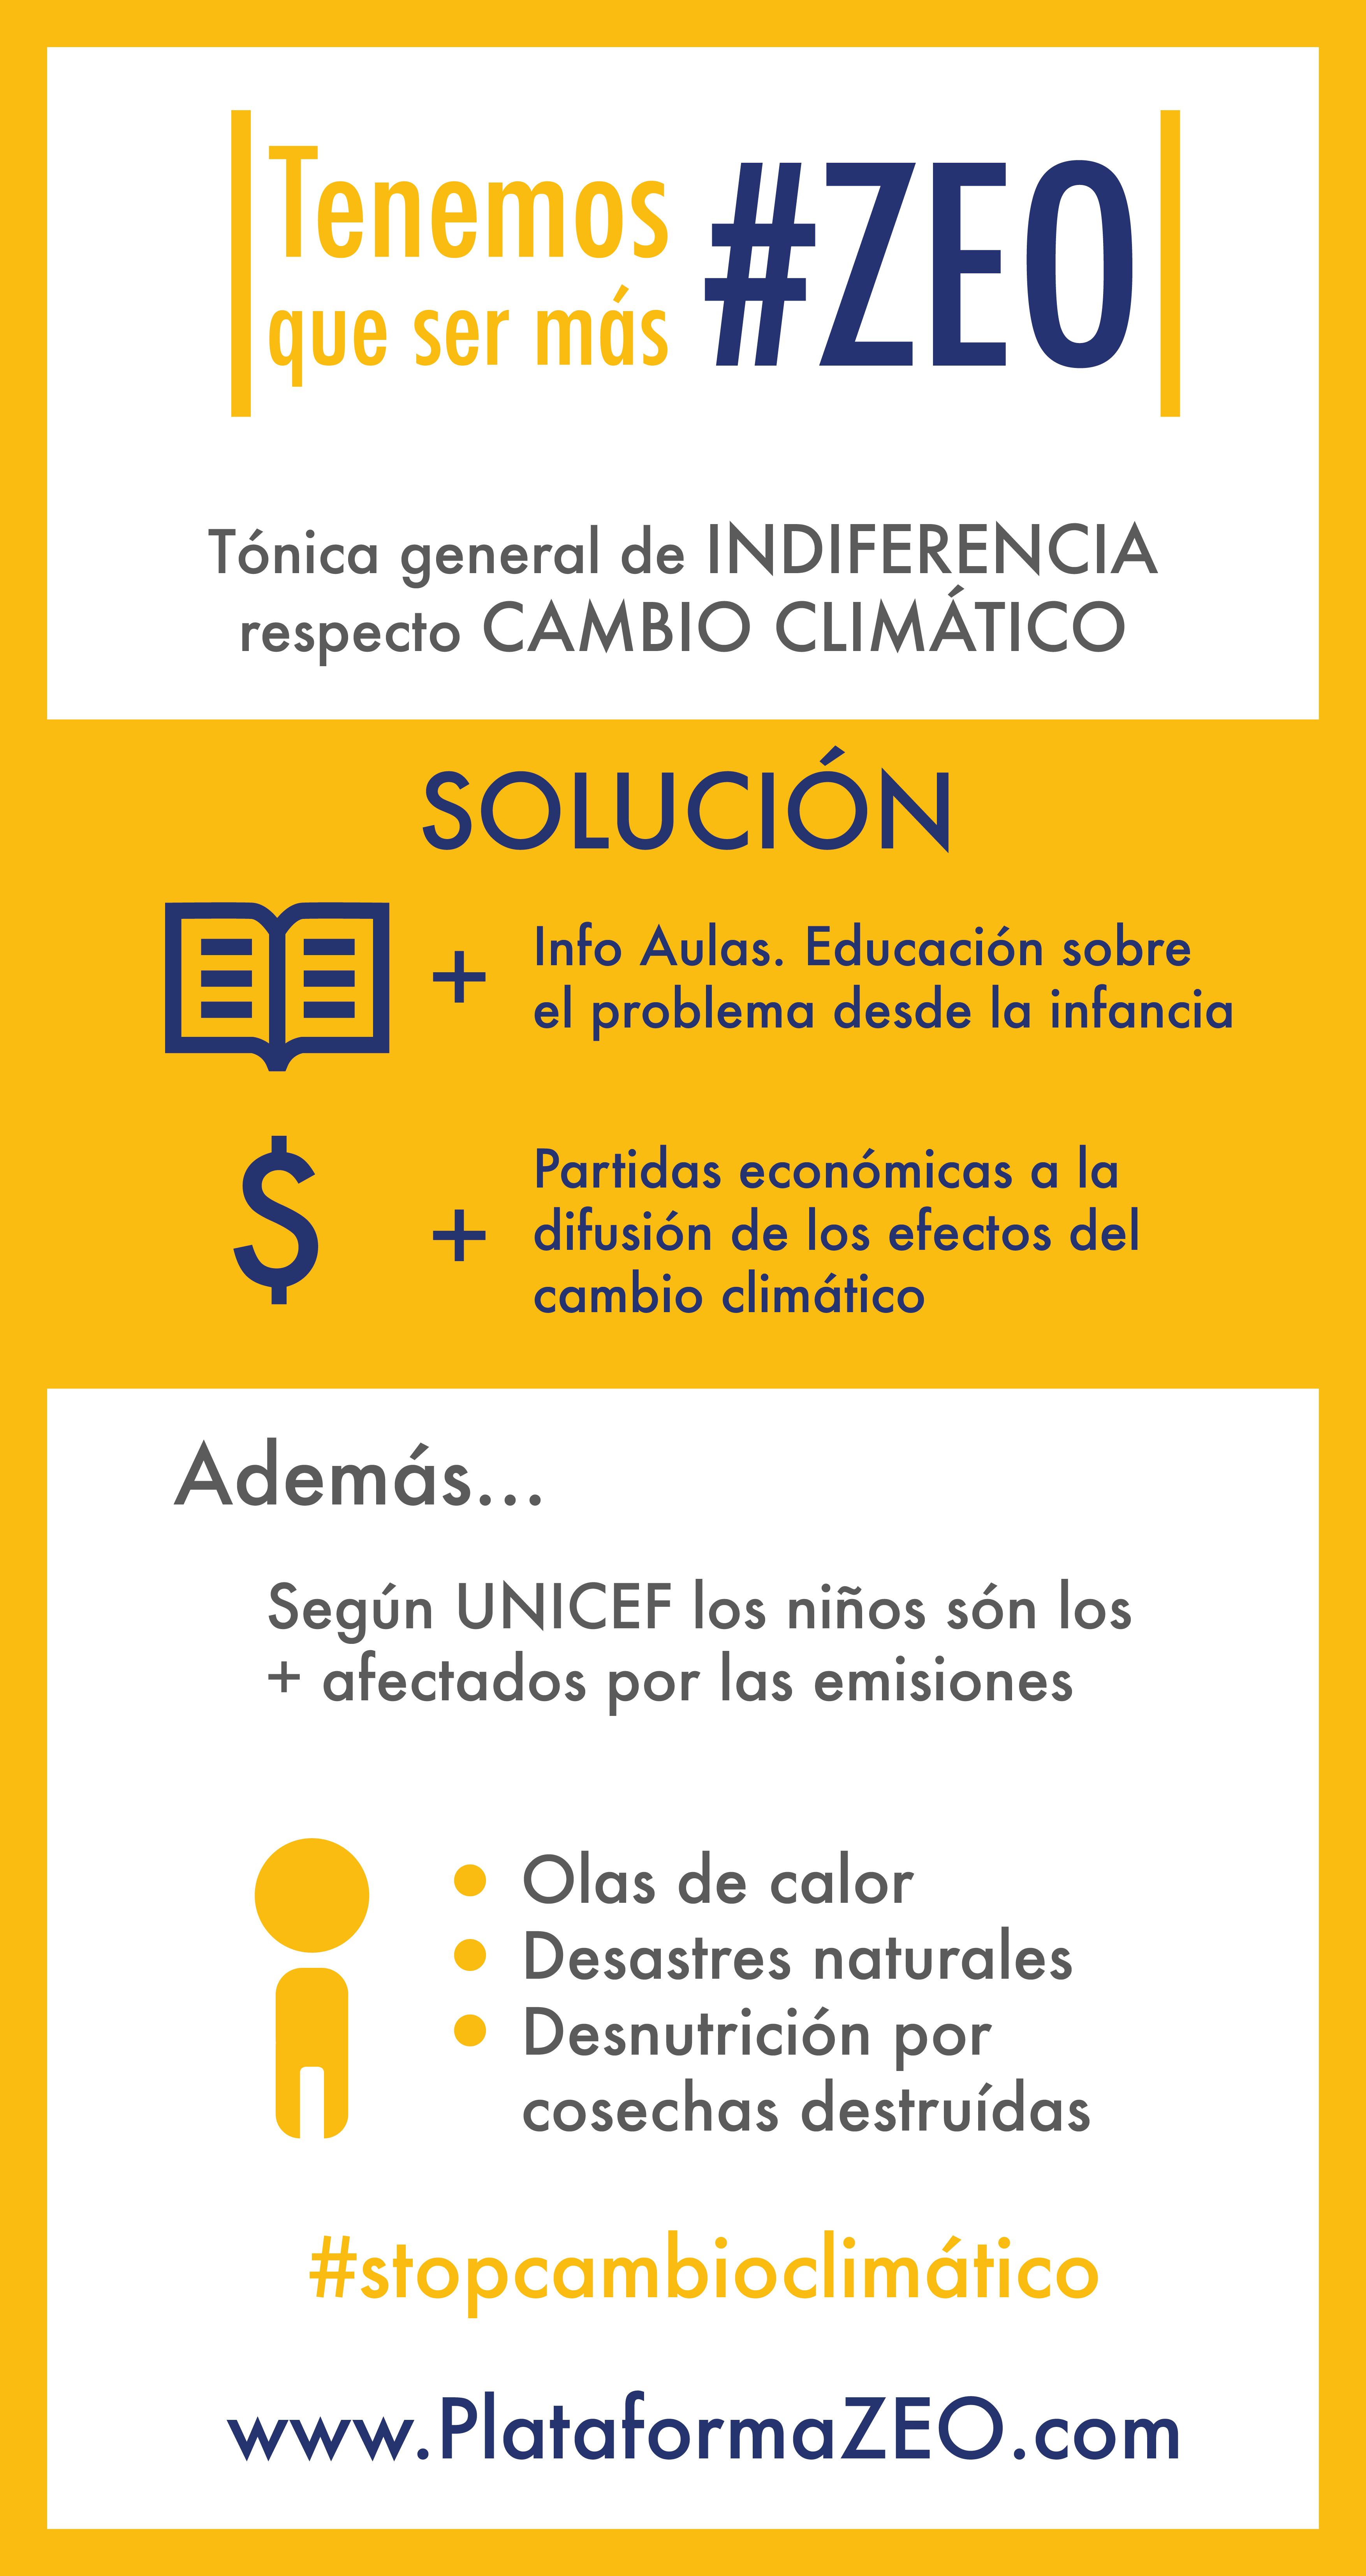 És necessària més informació del canvi climàtic a les aules